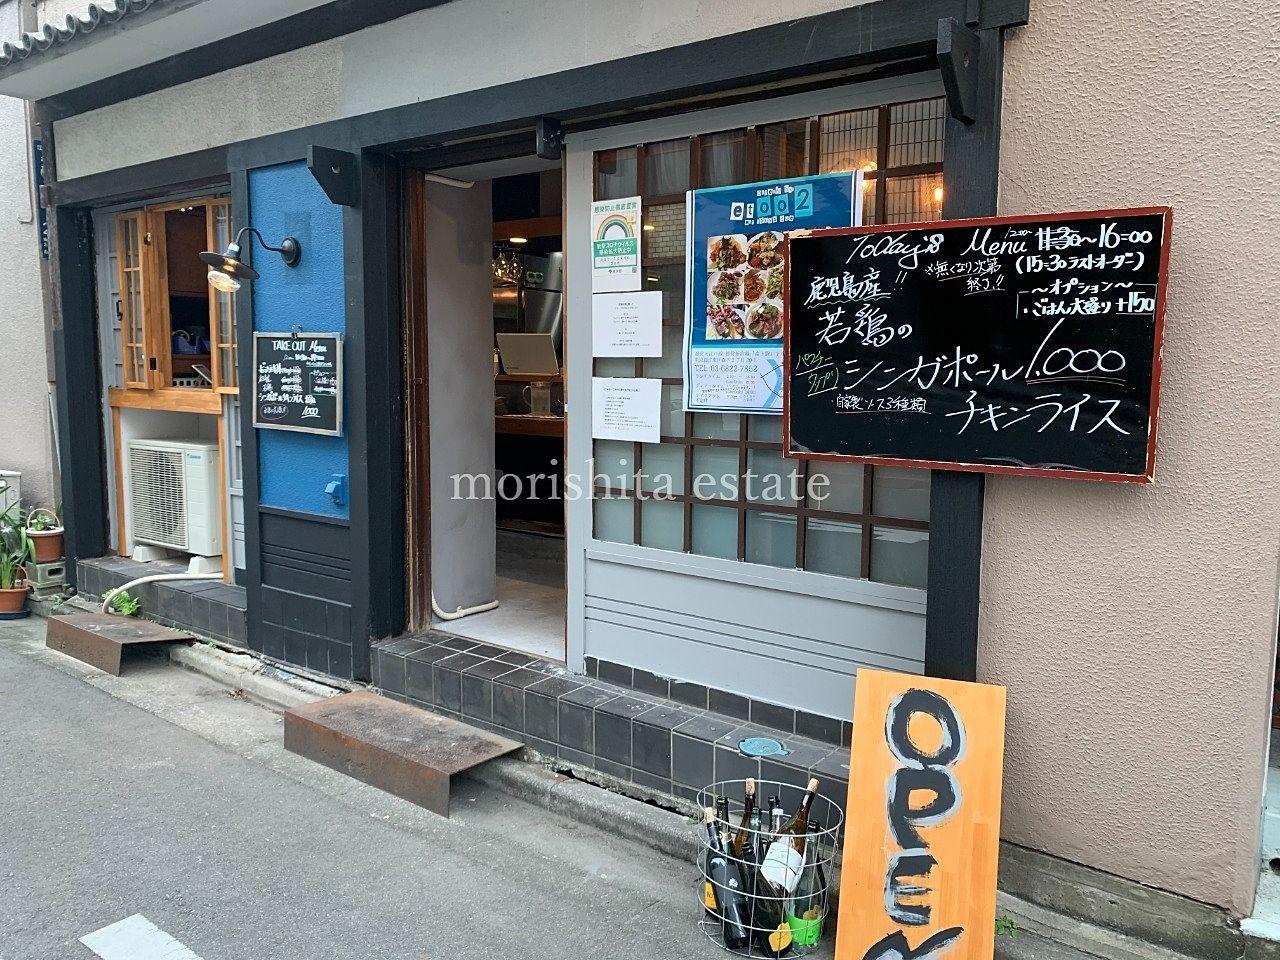 est tokyo due (et002)